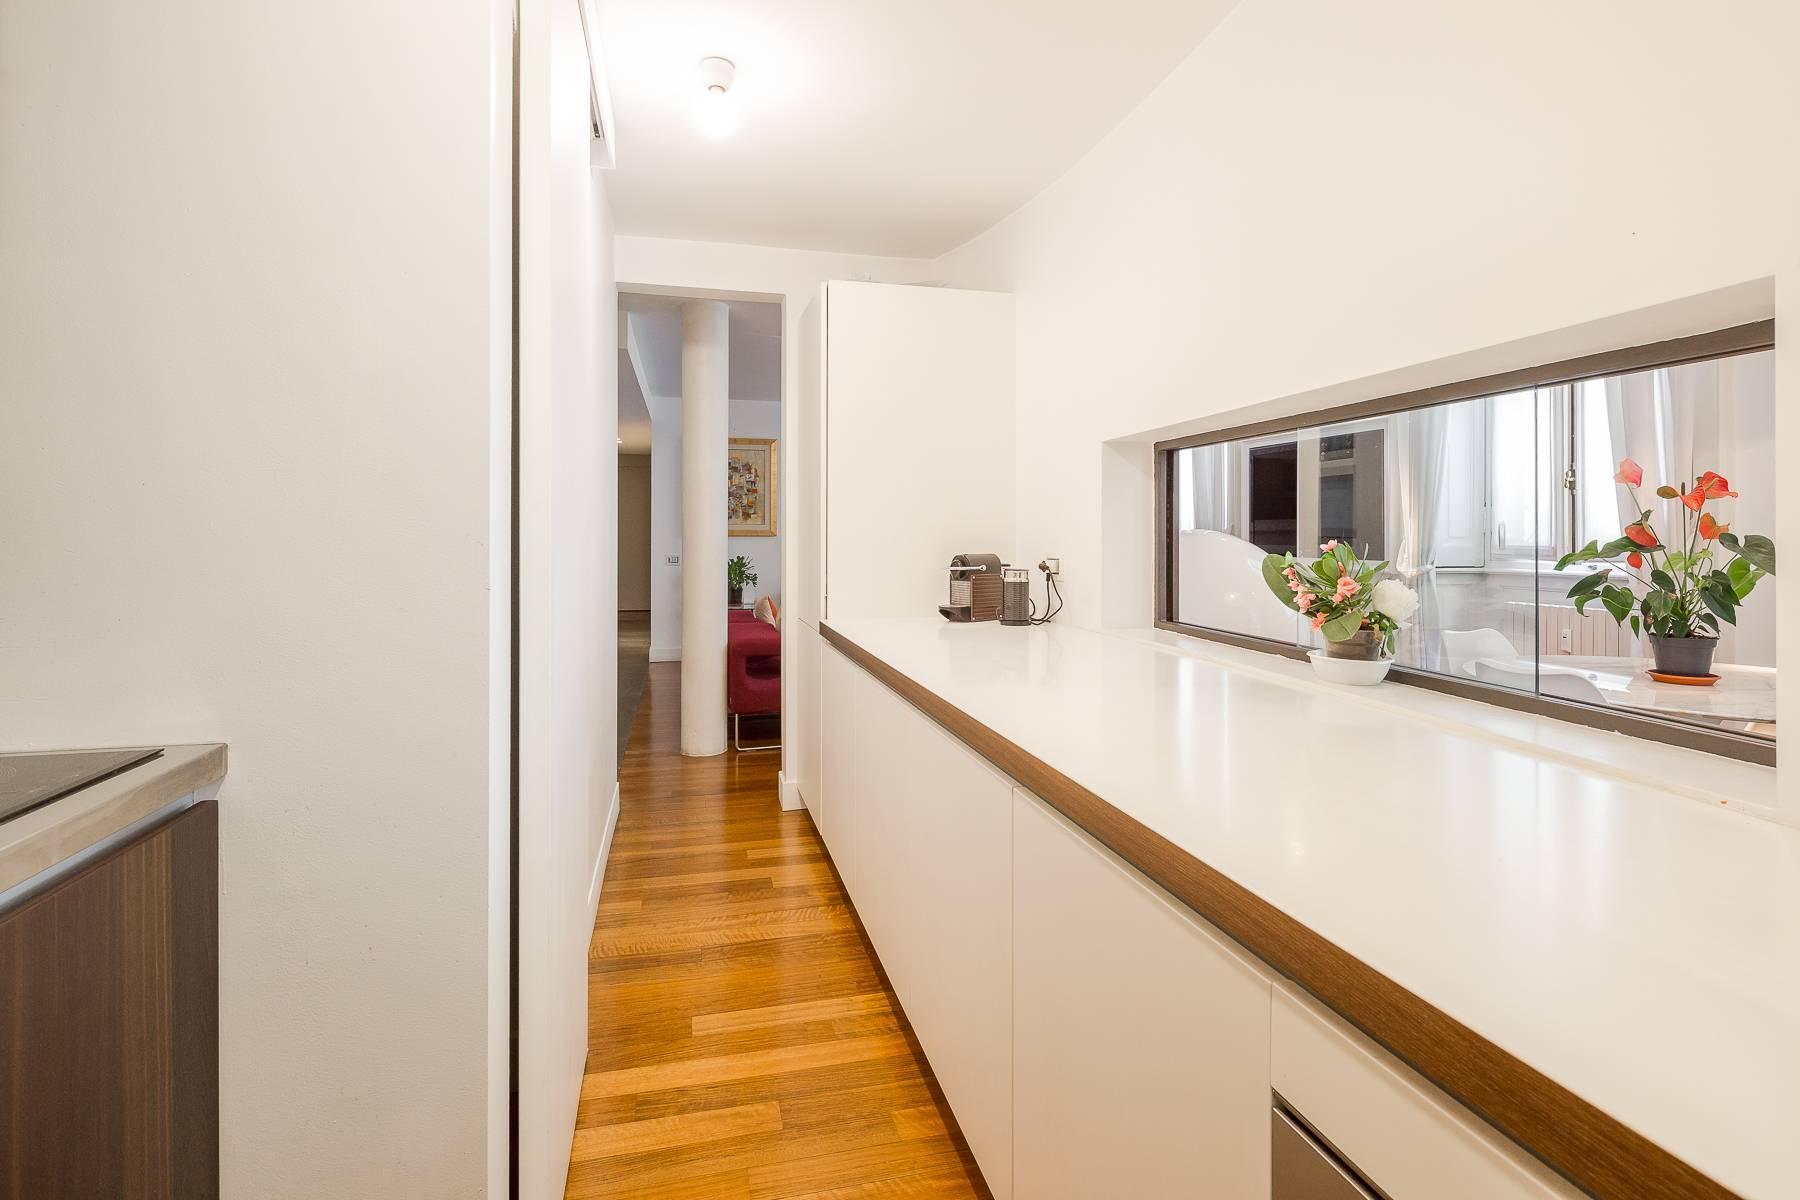 位于布雷拉区Via Montebello与De Marchi交汇处的公寓/复式 - 16